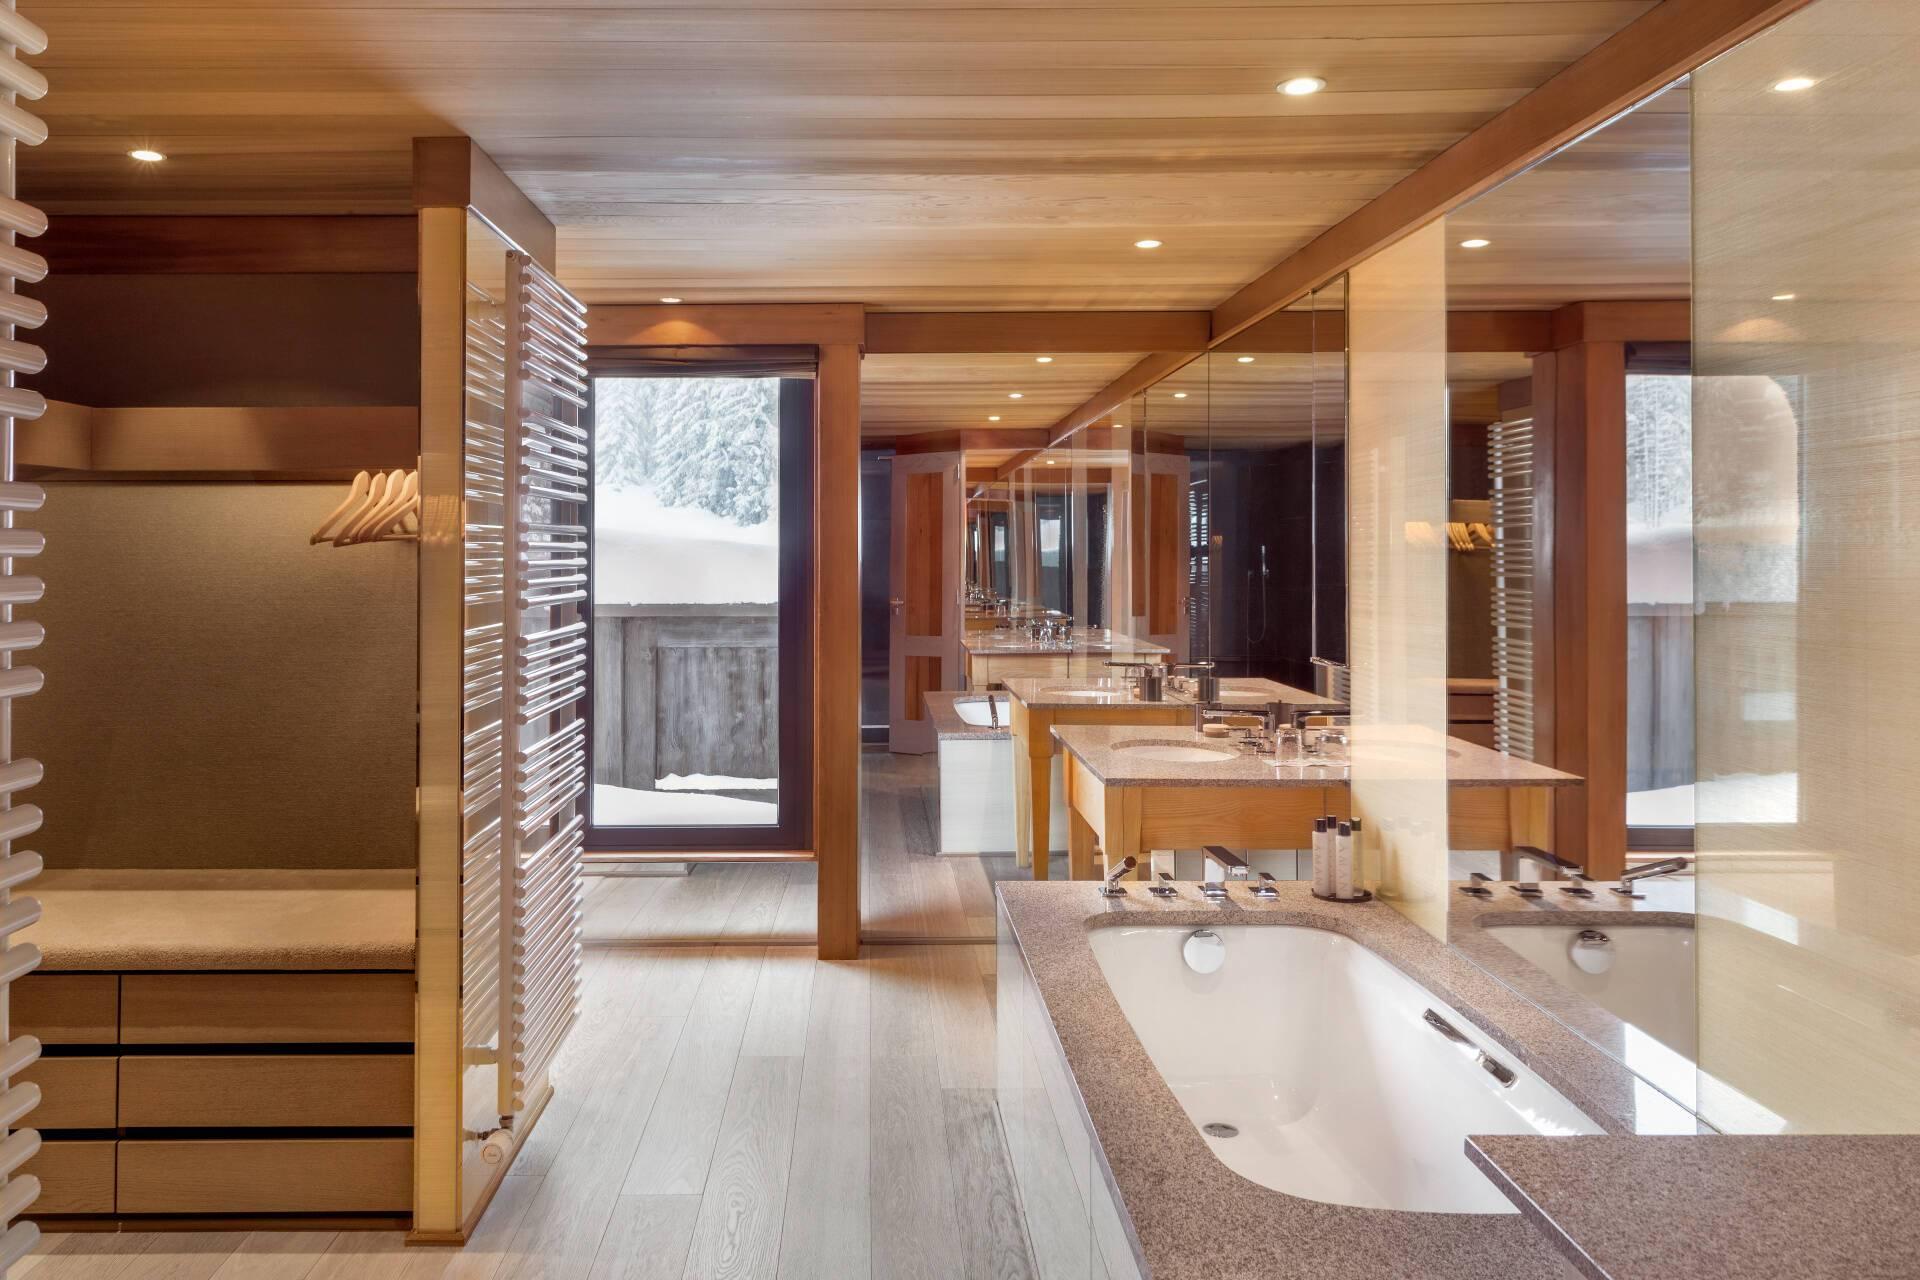 Aman Le Melezin Courchevel Chambre Ski Piste Salle Bains